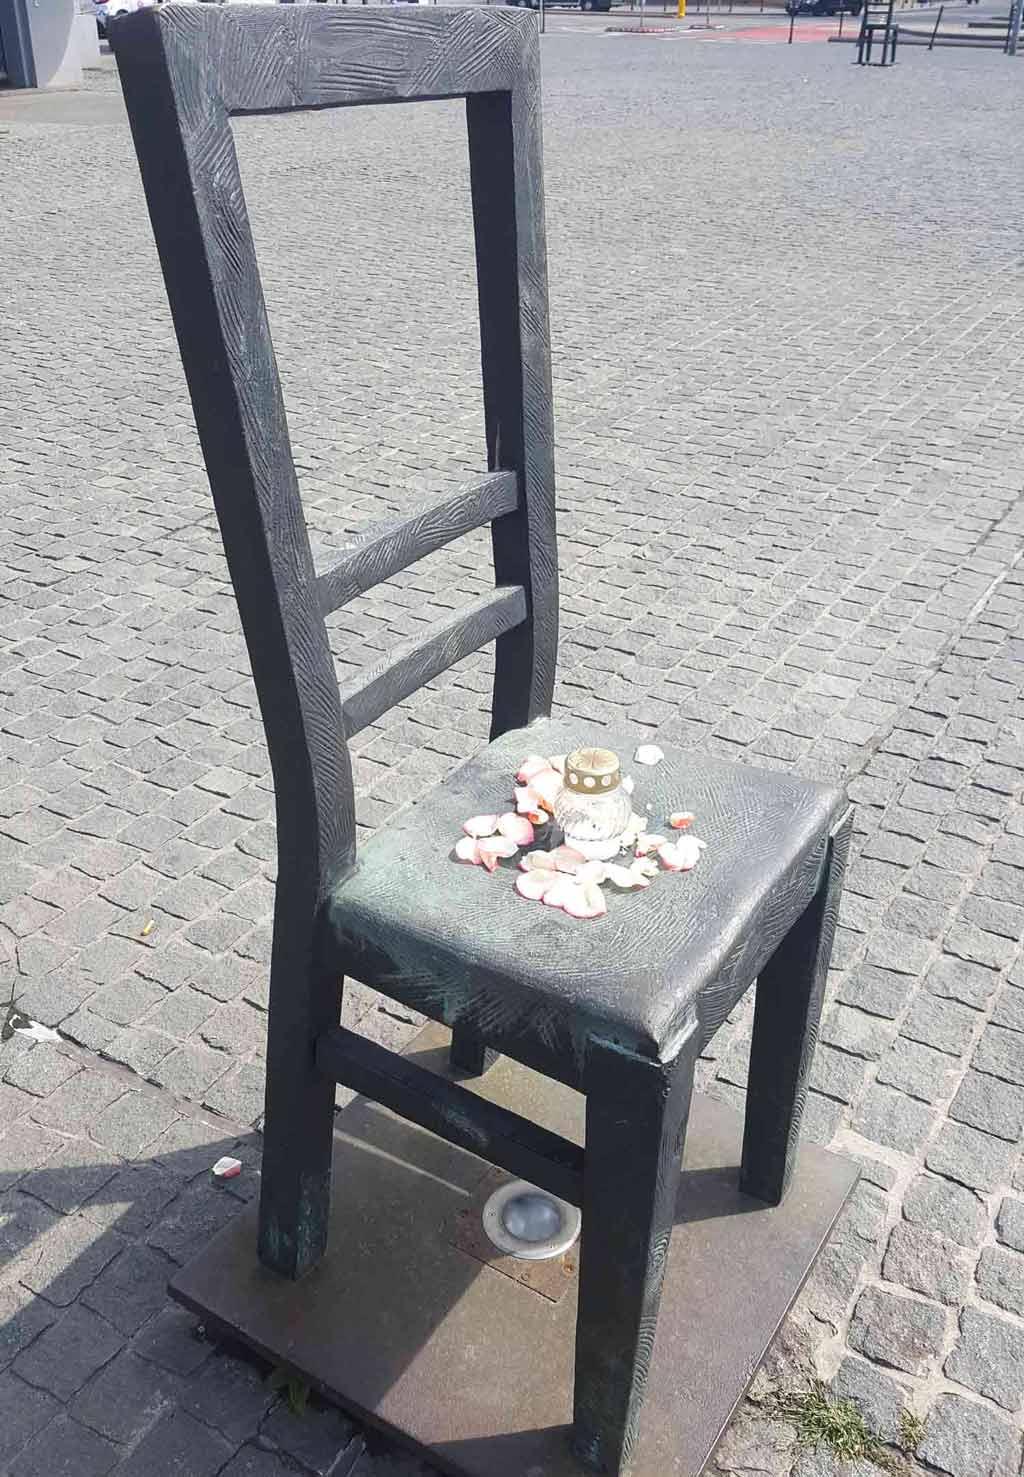 Auf dem Platz der Helden des Ghettos stehen 70 Metallstühle, die an das dunkelste Kapitel des Landes erinnern. #polen #krakau #geschichte #tipps #platzderghettohelden #platzderheldendesghettos #PlacBohaterówGetta